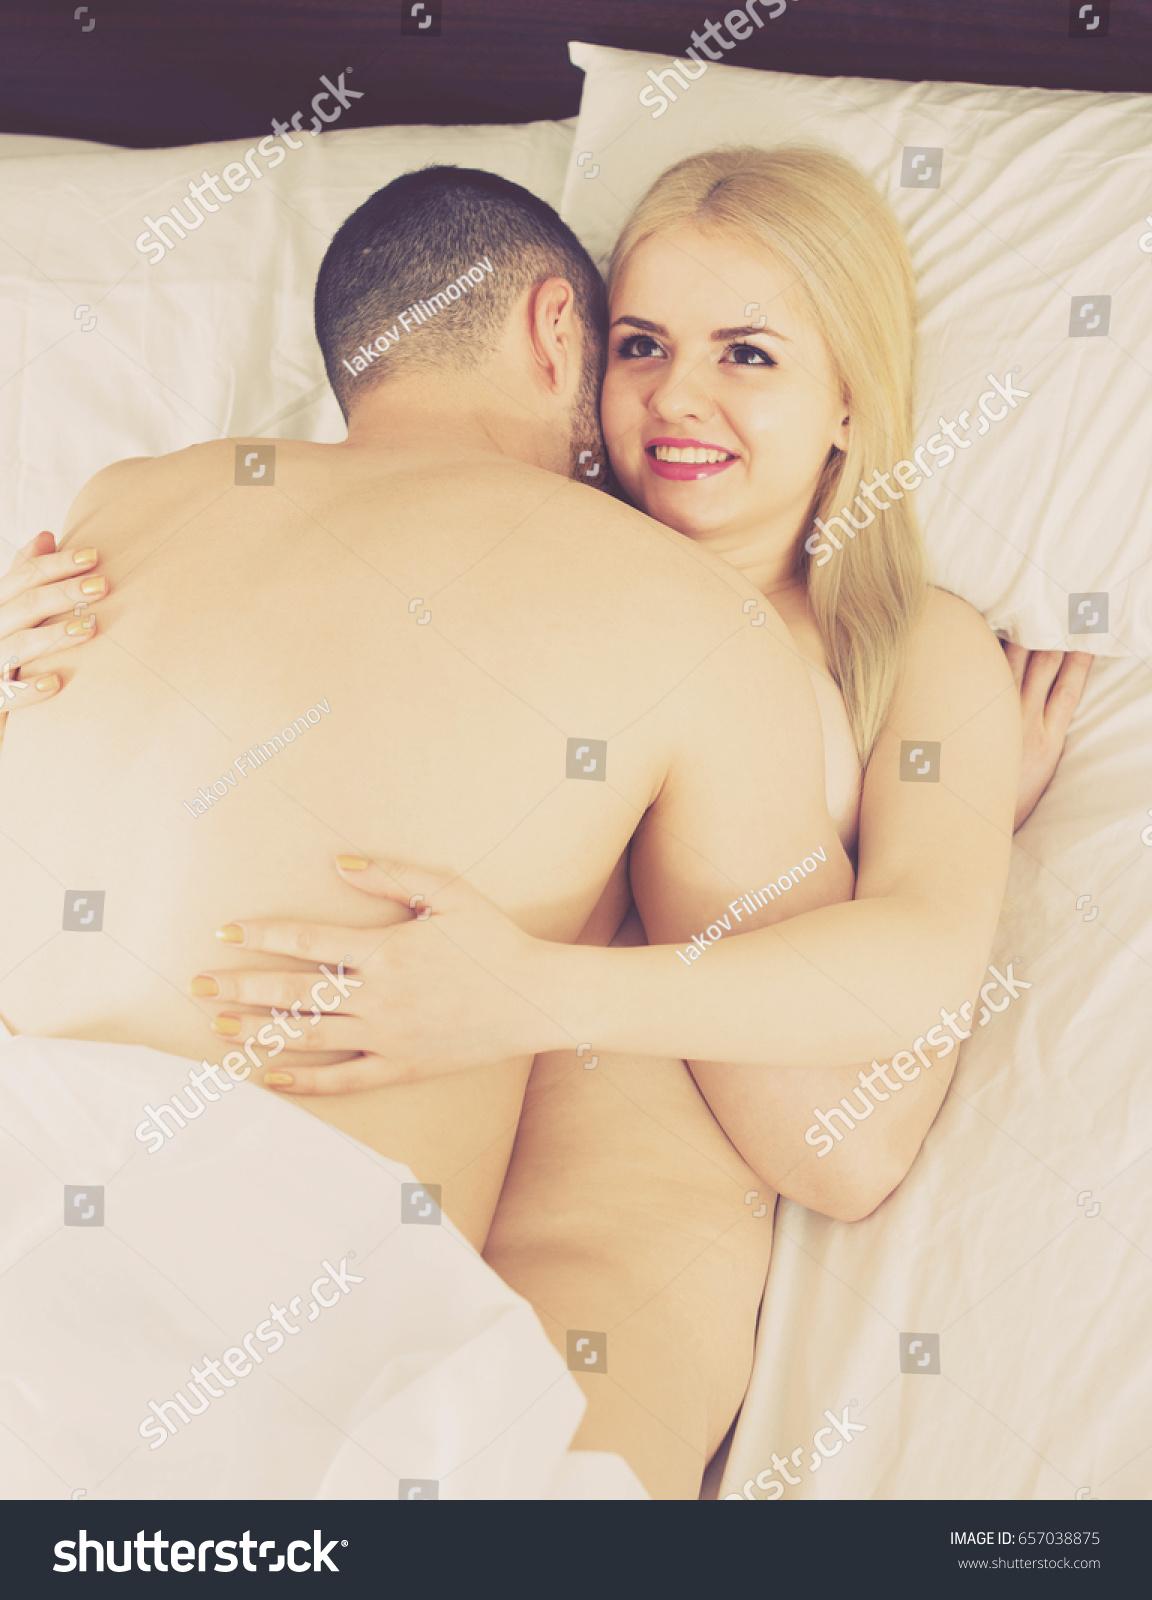 Italian Woman Having Sex